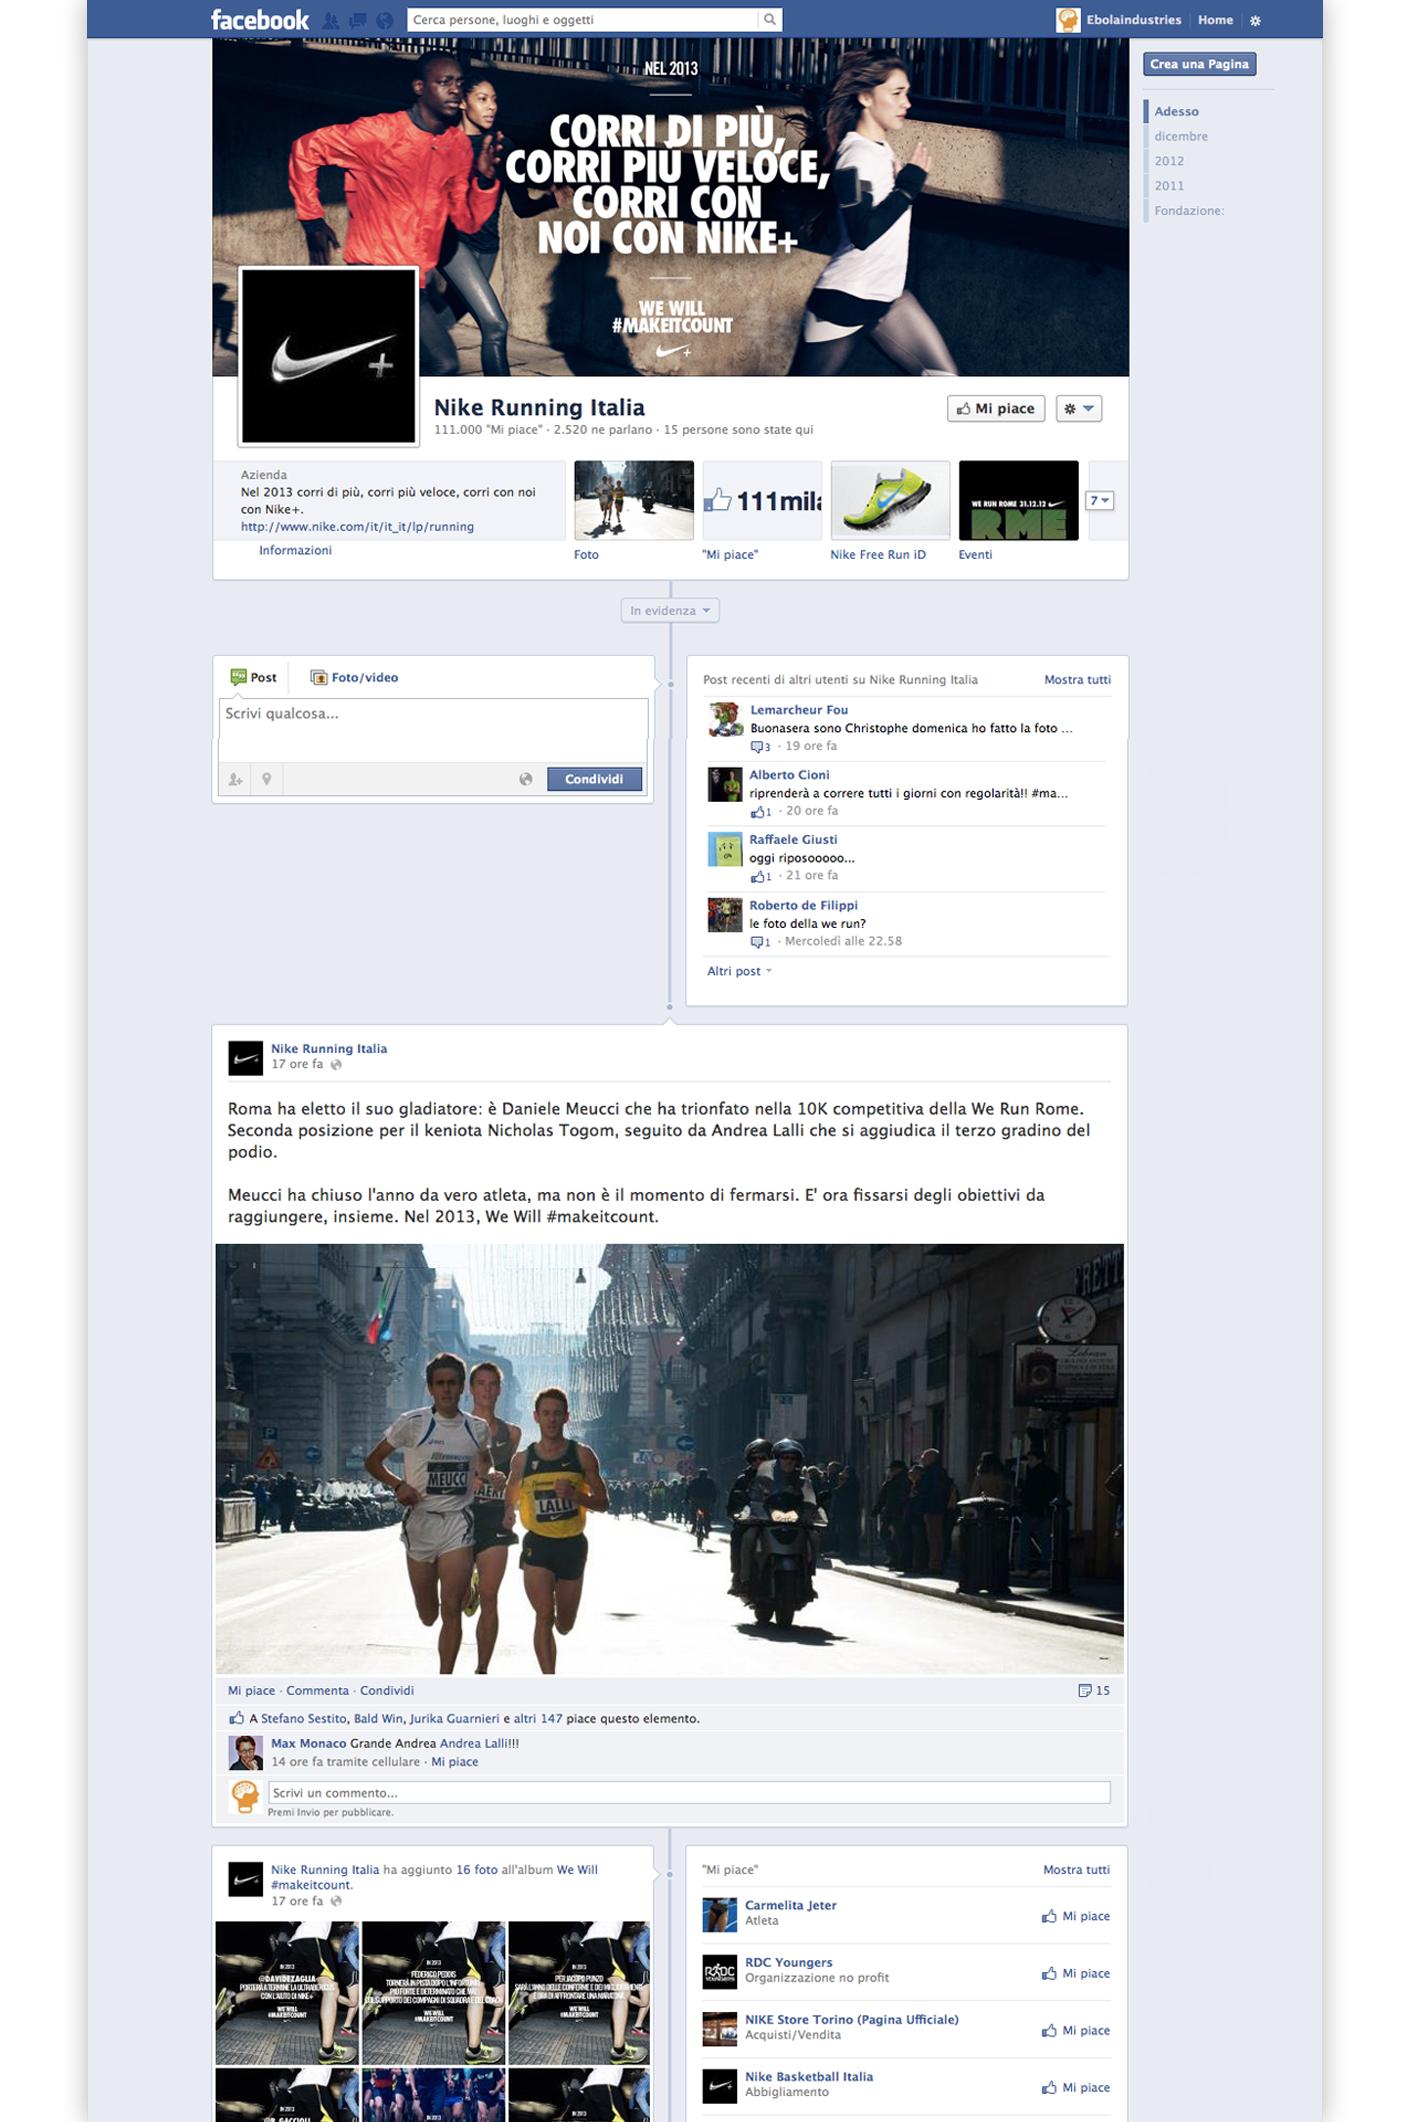 Nike Running - FB fan page.